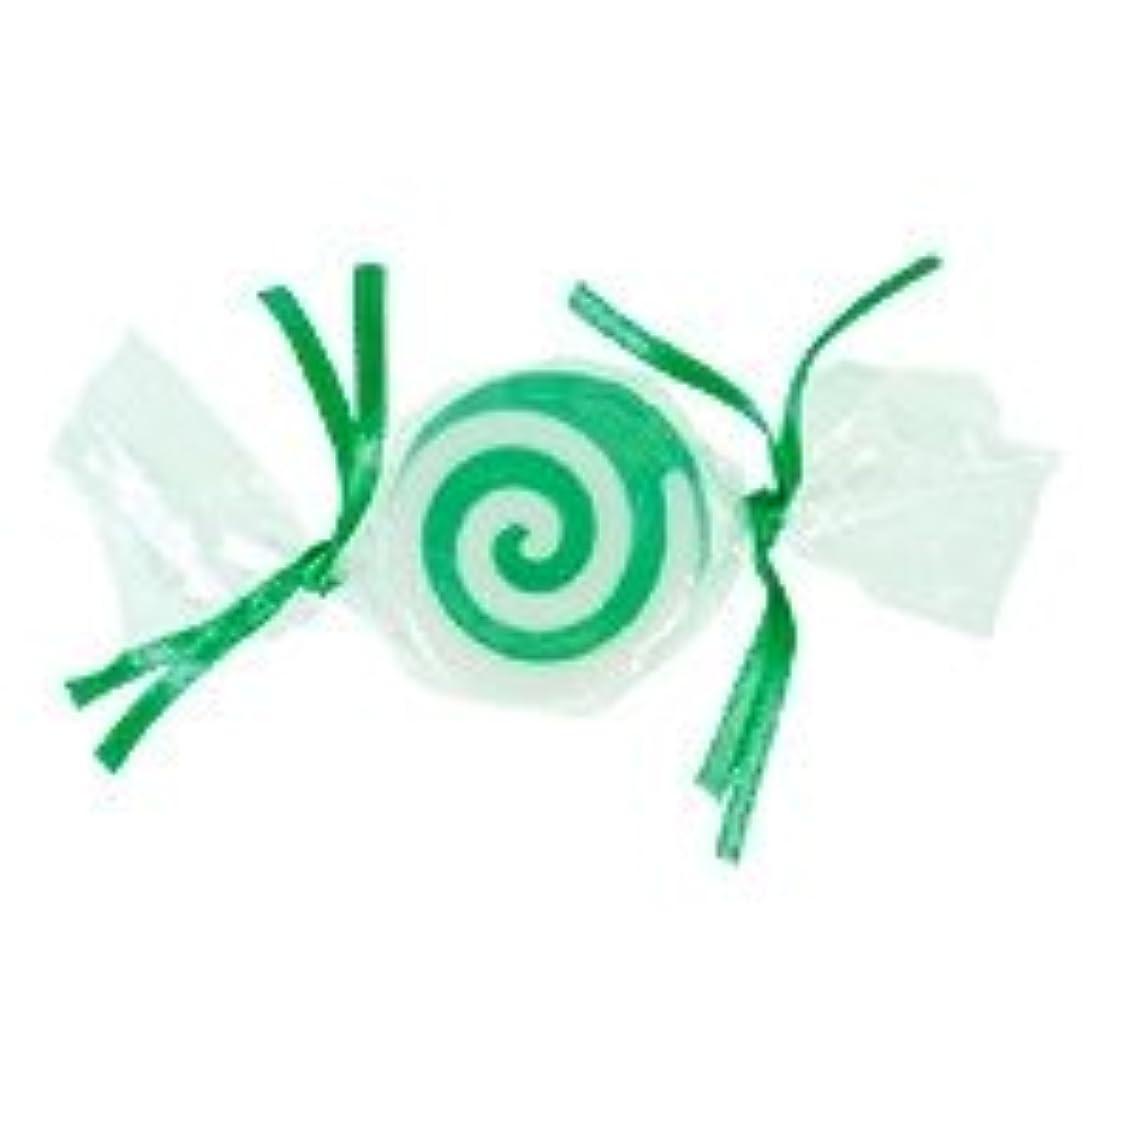 宿泊施設食料品店医療のベジタブルソープ キャンディ「グリーン」20個セット グリーンアップルの香り